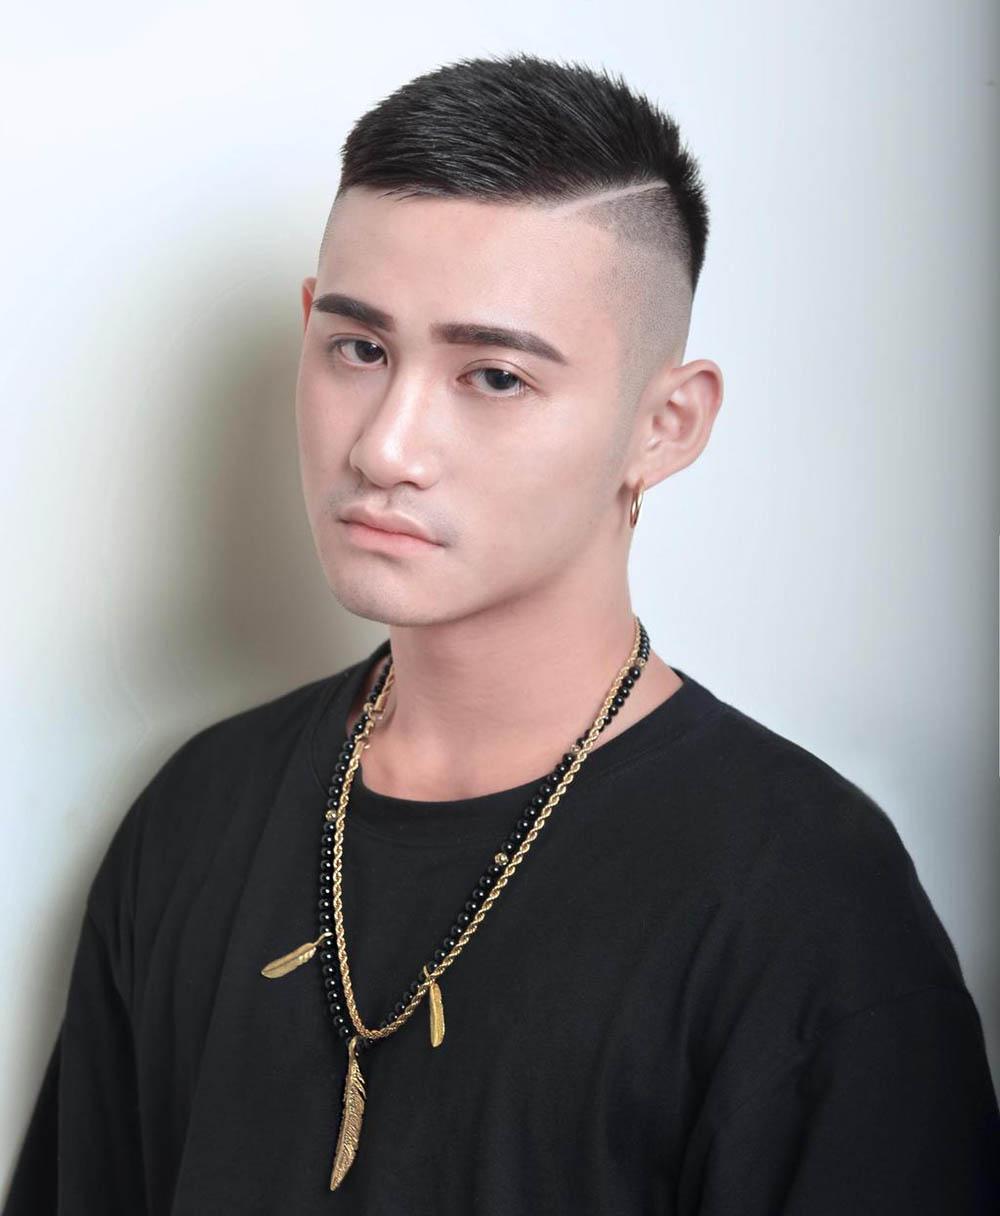 Kiểu tóc nam ngắn đẹp